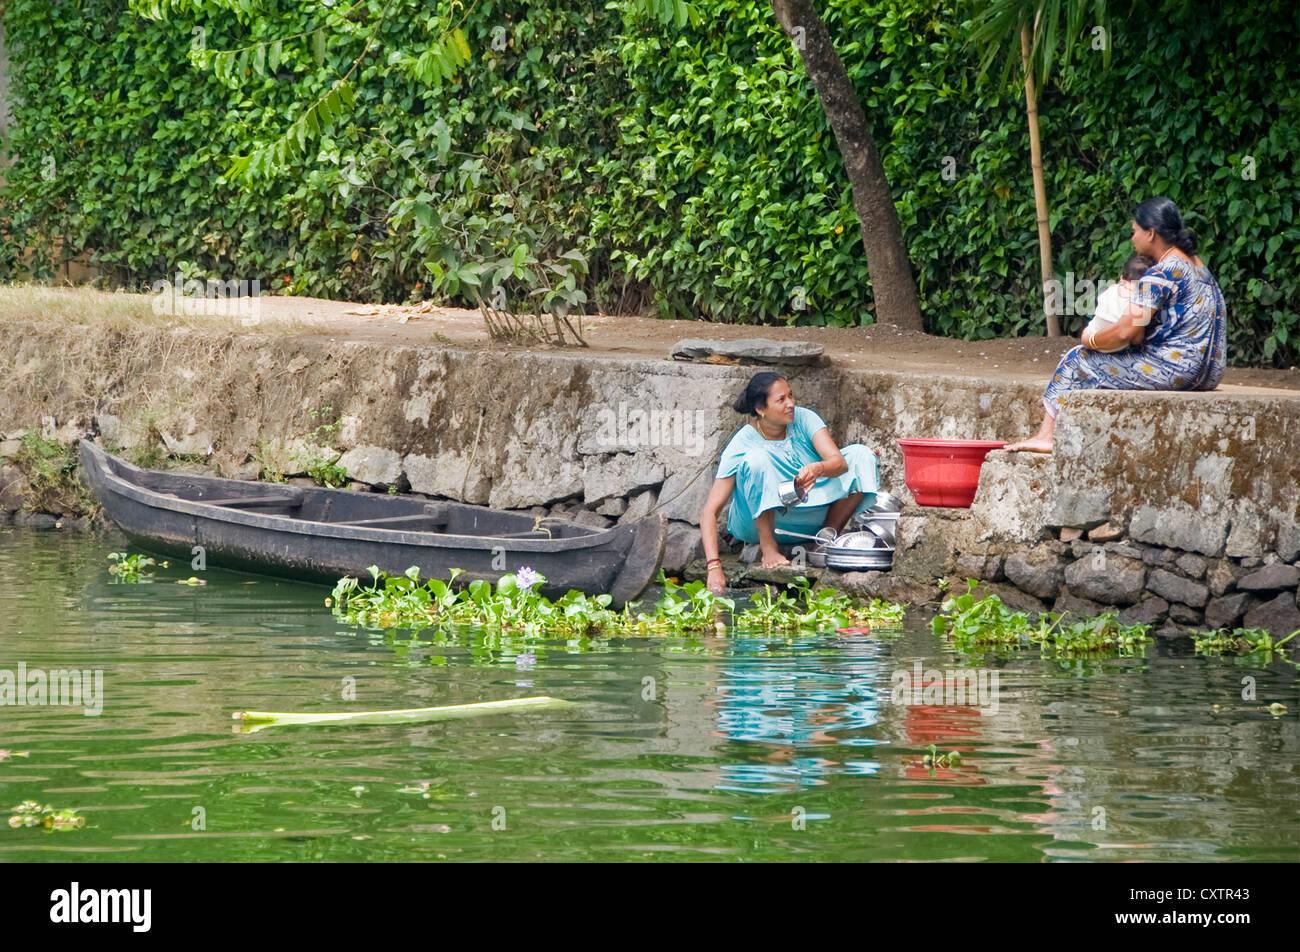 Horizontal retrato de una familia india haciendo sus tareas diarias en la orilla del río en Kerala. Imagen De Stock